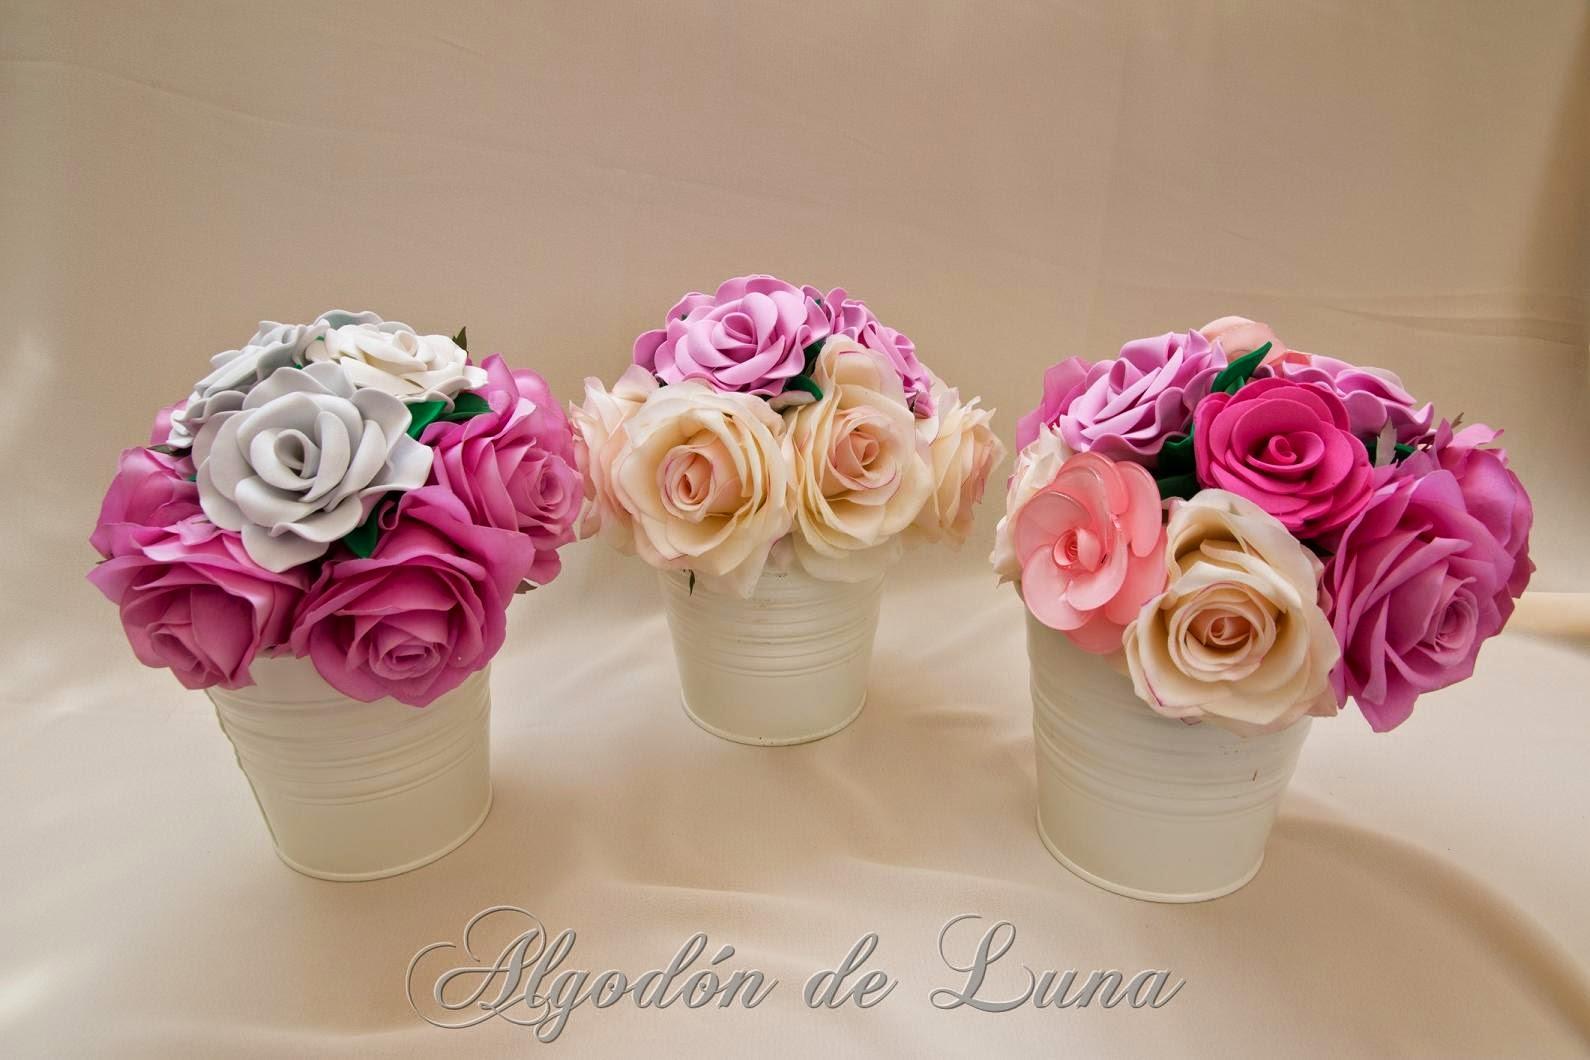 Algod n de luna ramos de flores de goma eva con rosas y - Flores con goma eva ...